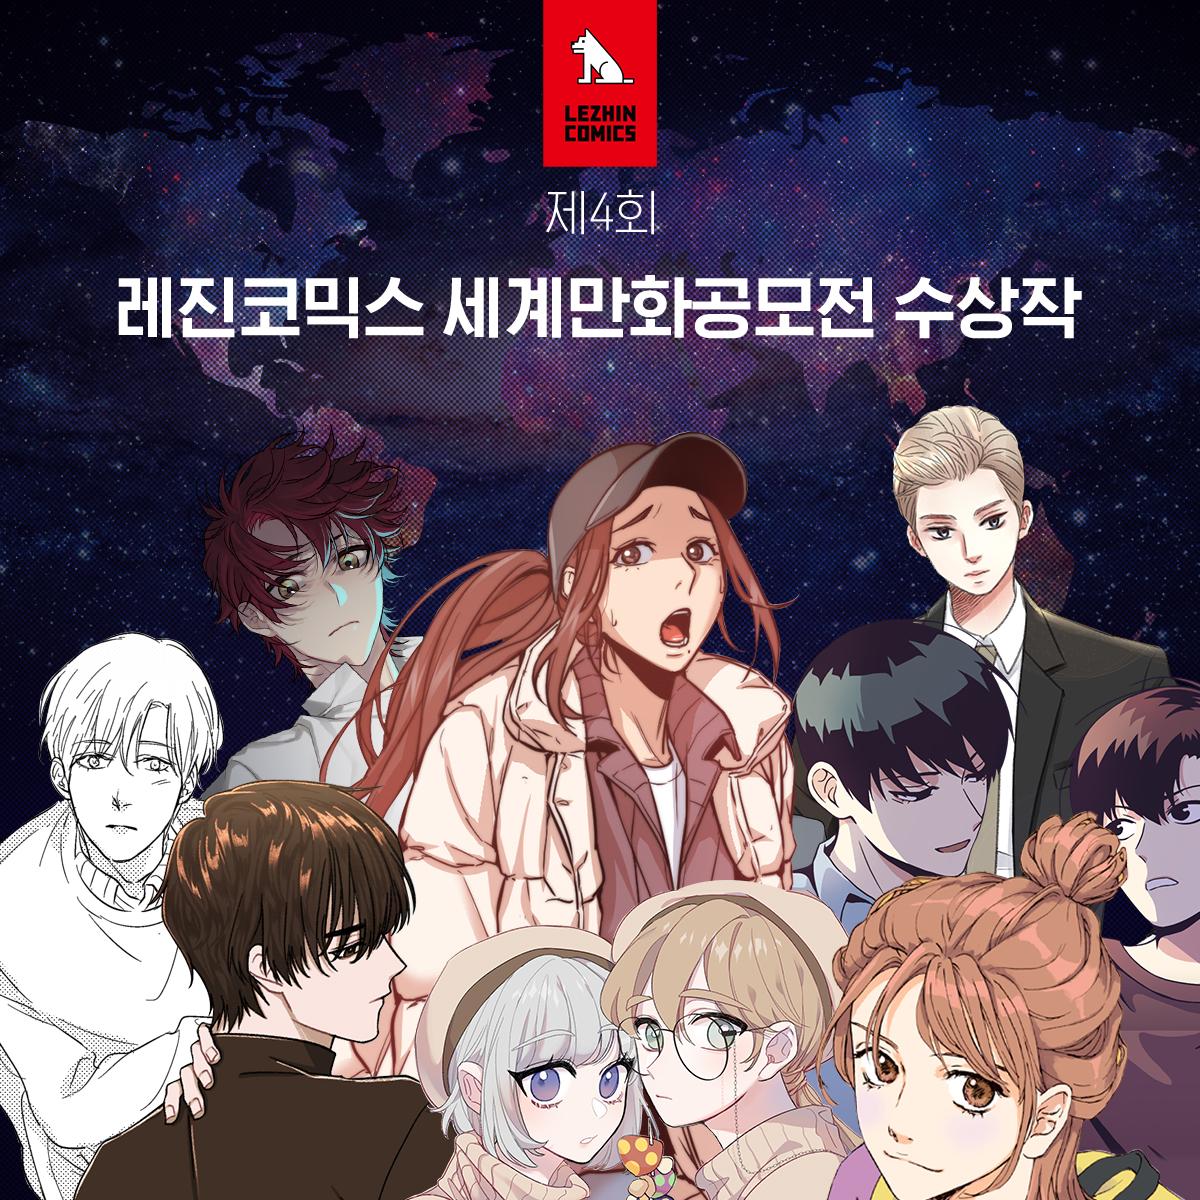 레진코믹스, 제 4회 세계만화공모전 수상작 발표